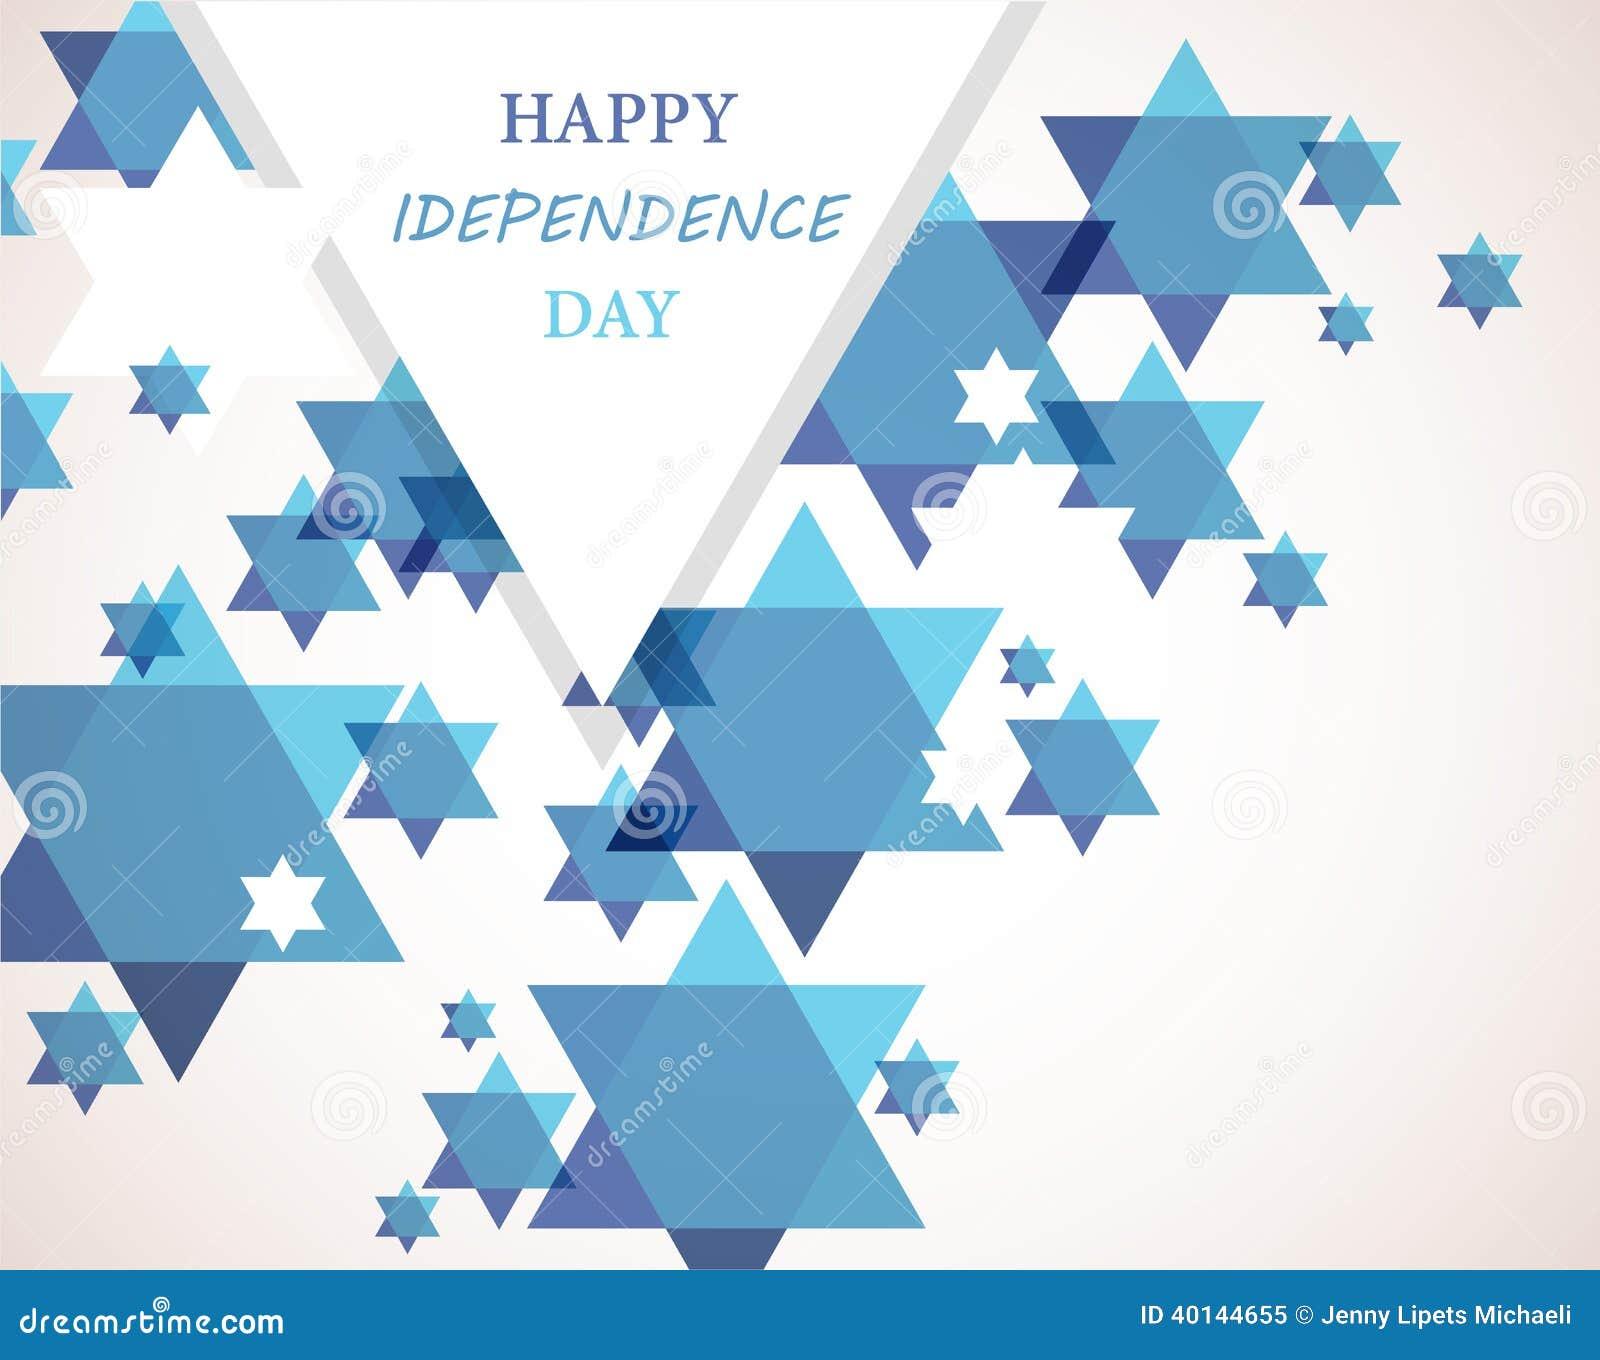 以色列的独立日。大卫星背景